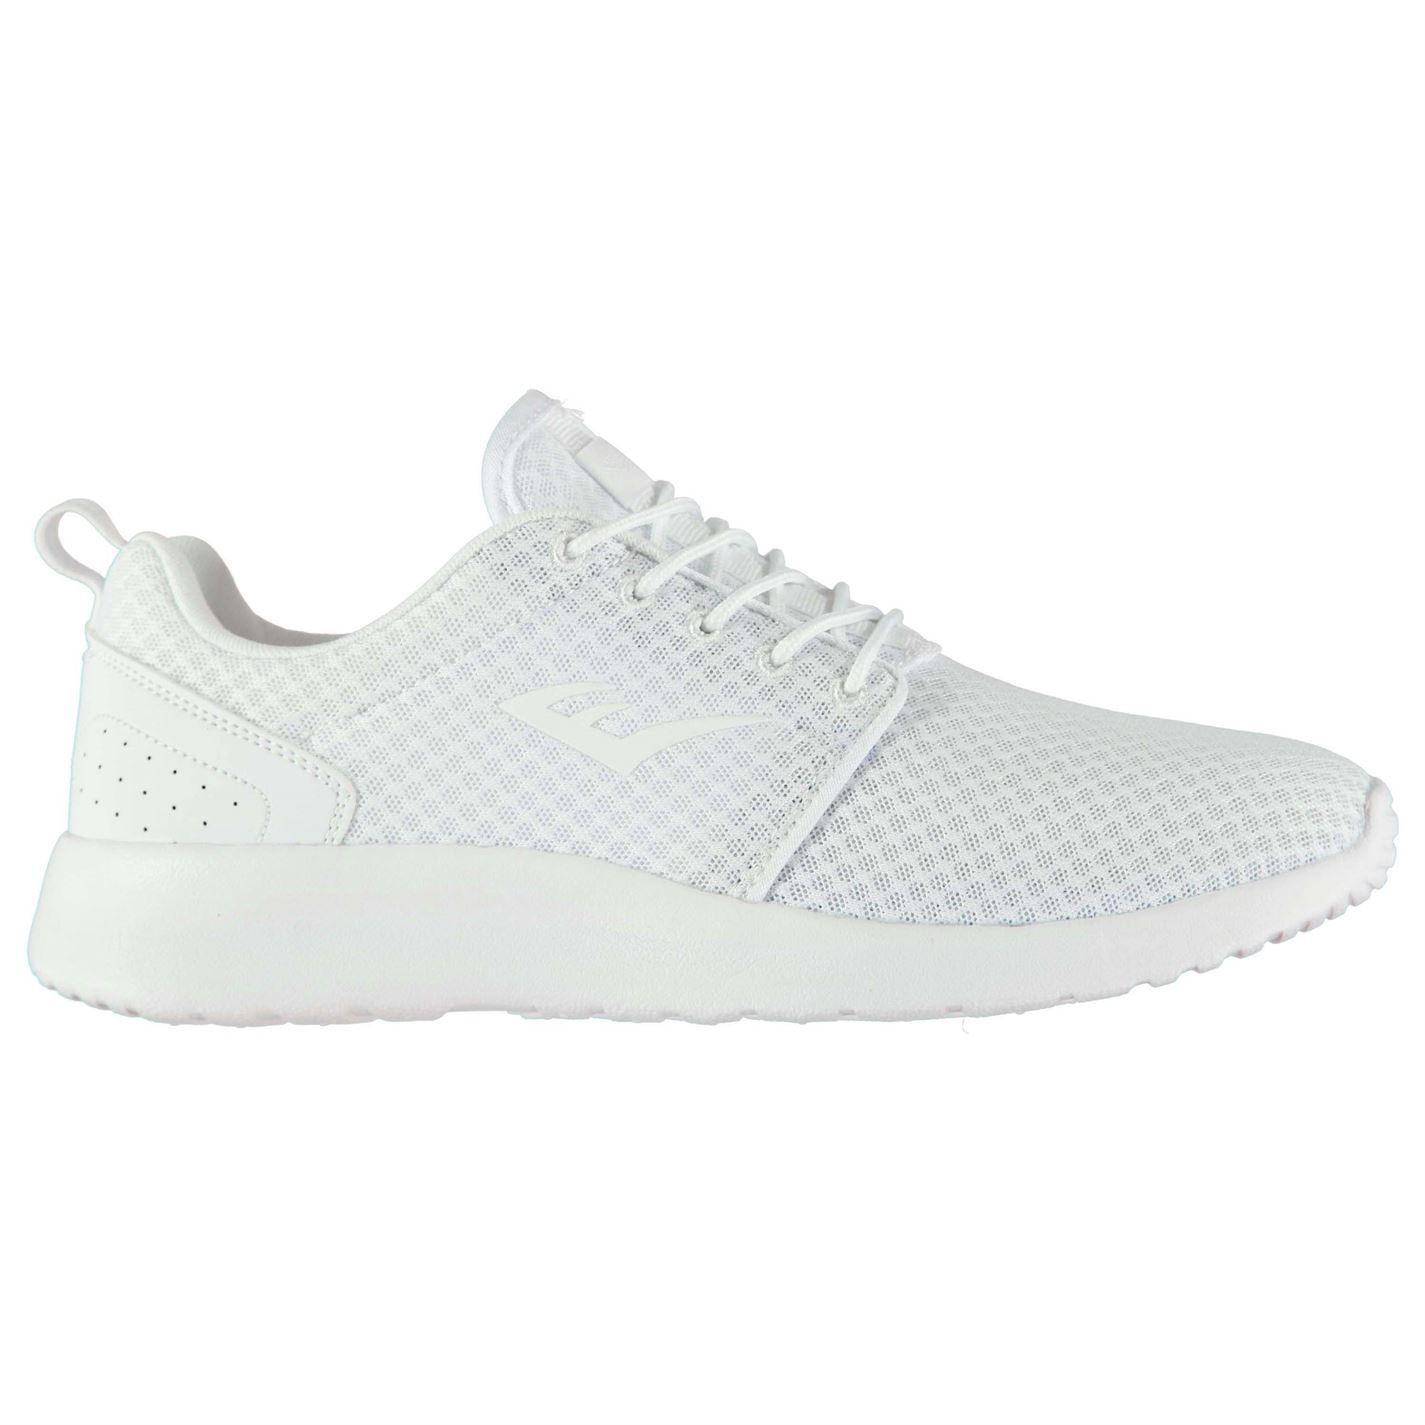 Los zapatos más populares para hombres y mujeres Everlast Sensei Ejecutar Entrenadores Para Hombre Blanco Deportivas Zapatos Tenis